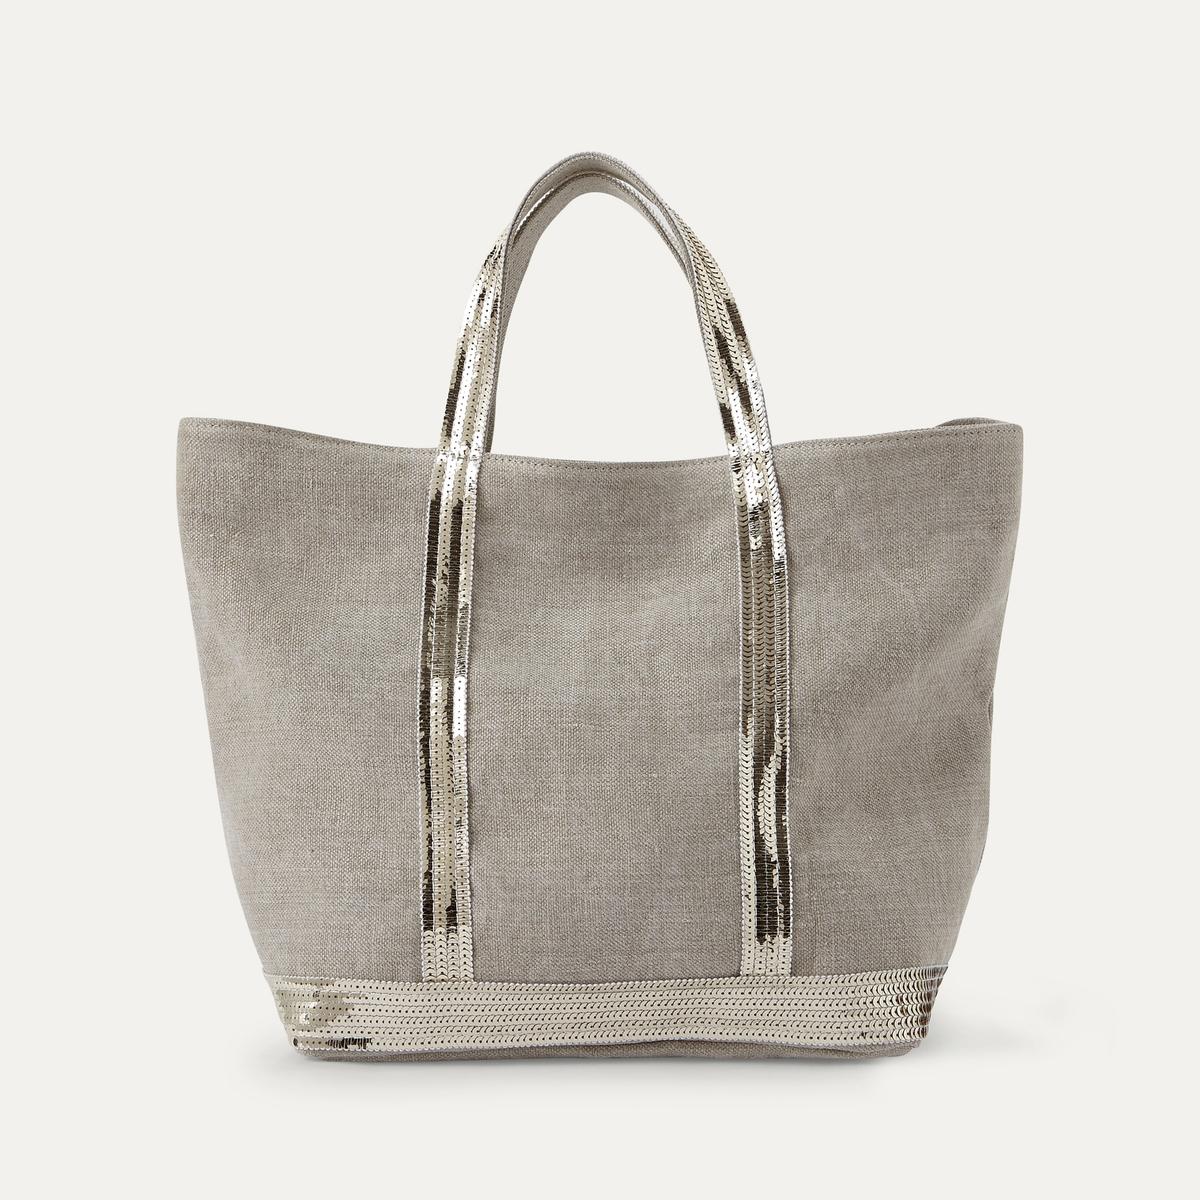 Сумка-шоппер LaRedoute Среднего размера из льна с блестками единый размер бежевый сумка шоппер laredoute из джута с надписью gypsy единый размер бежевый